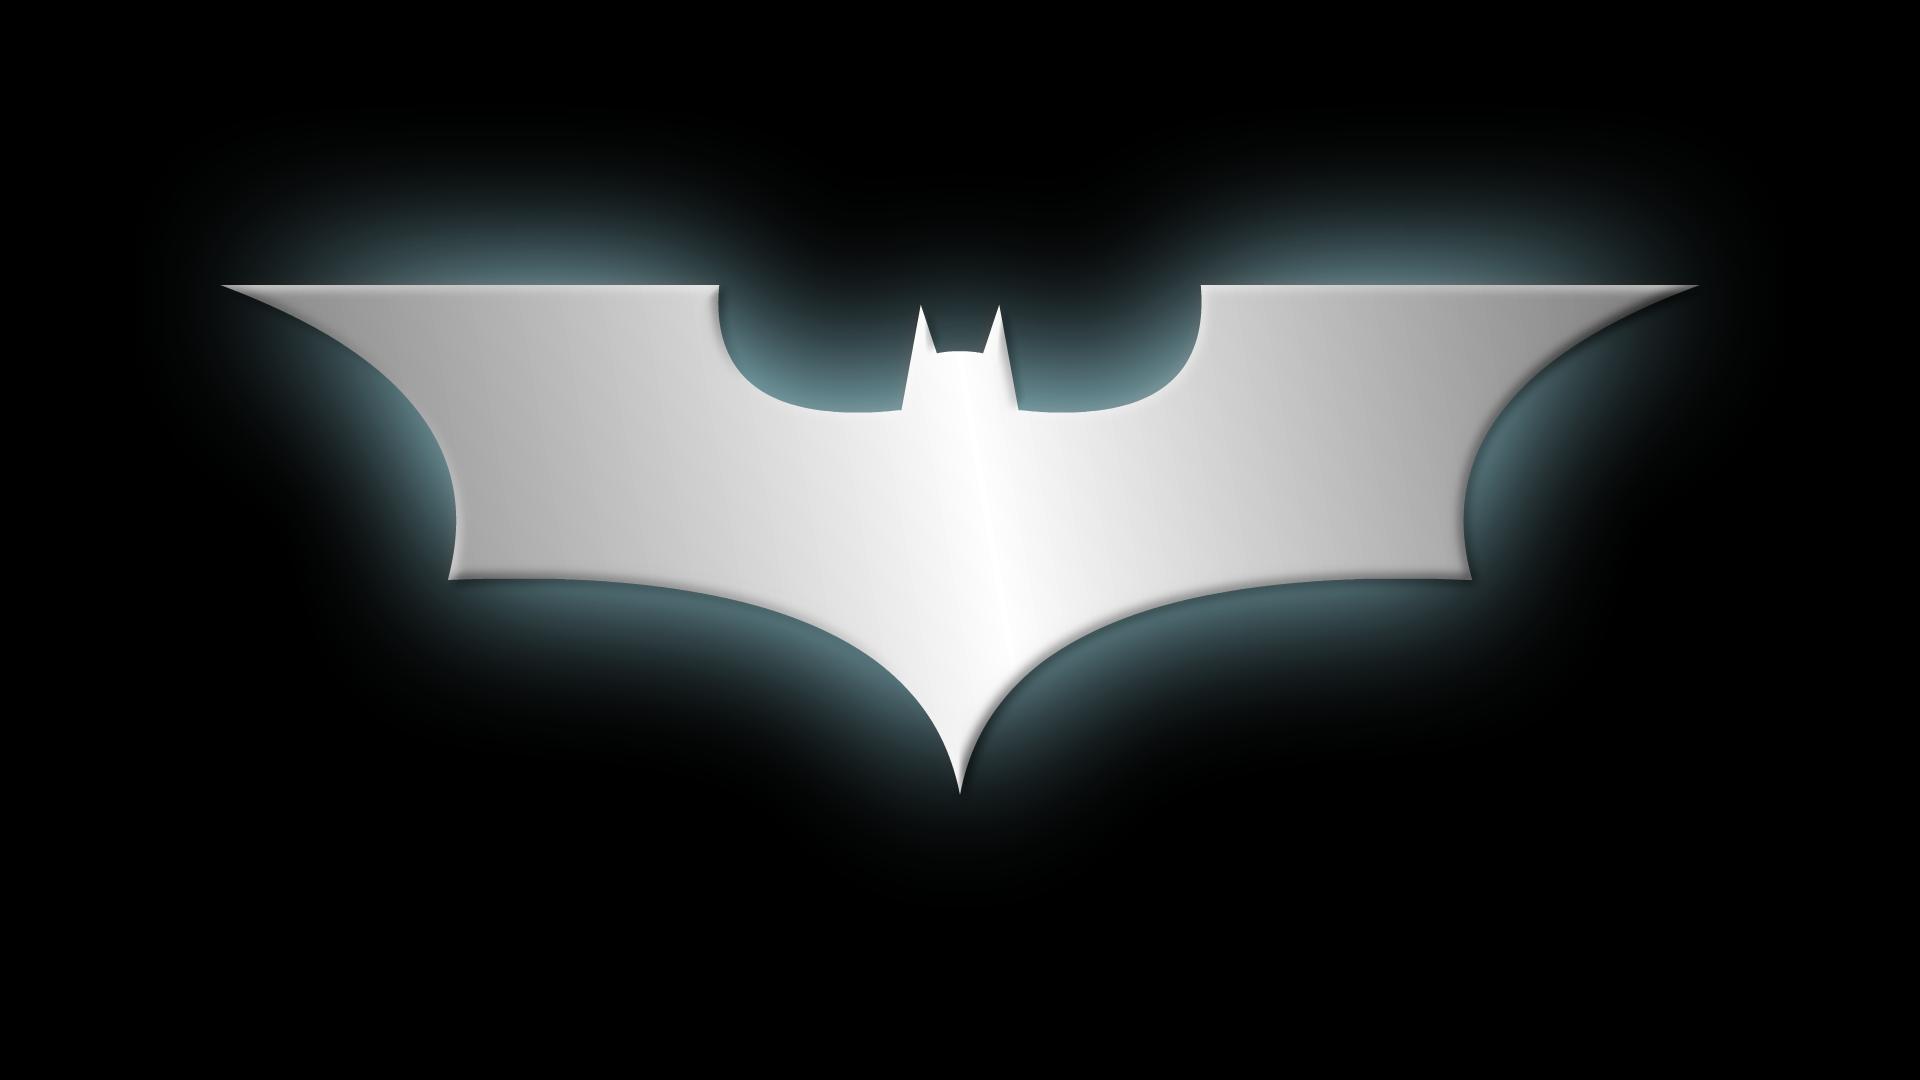 Dark Knight Symbol Dark Knight Free Desktop Wallpaper Knight